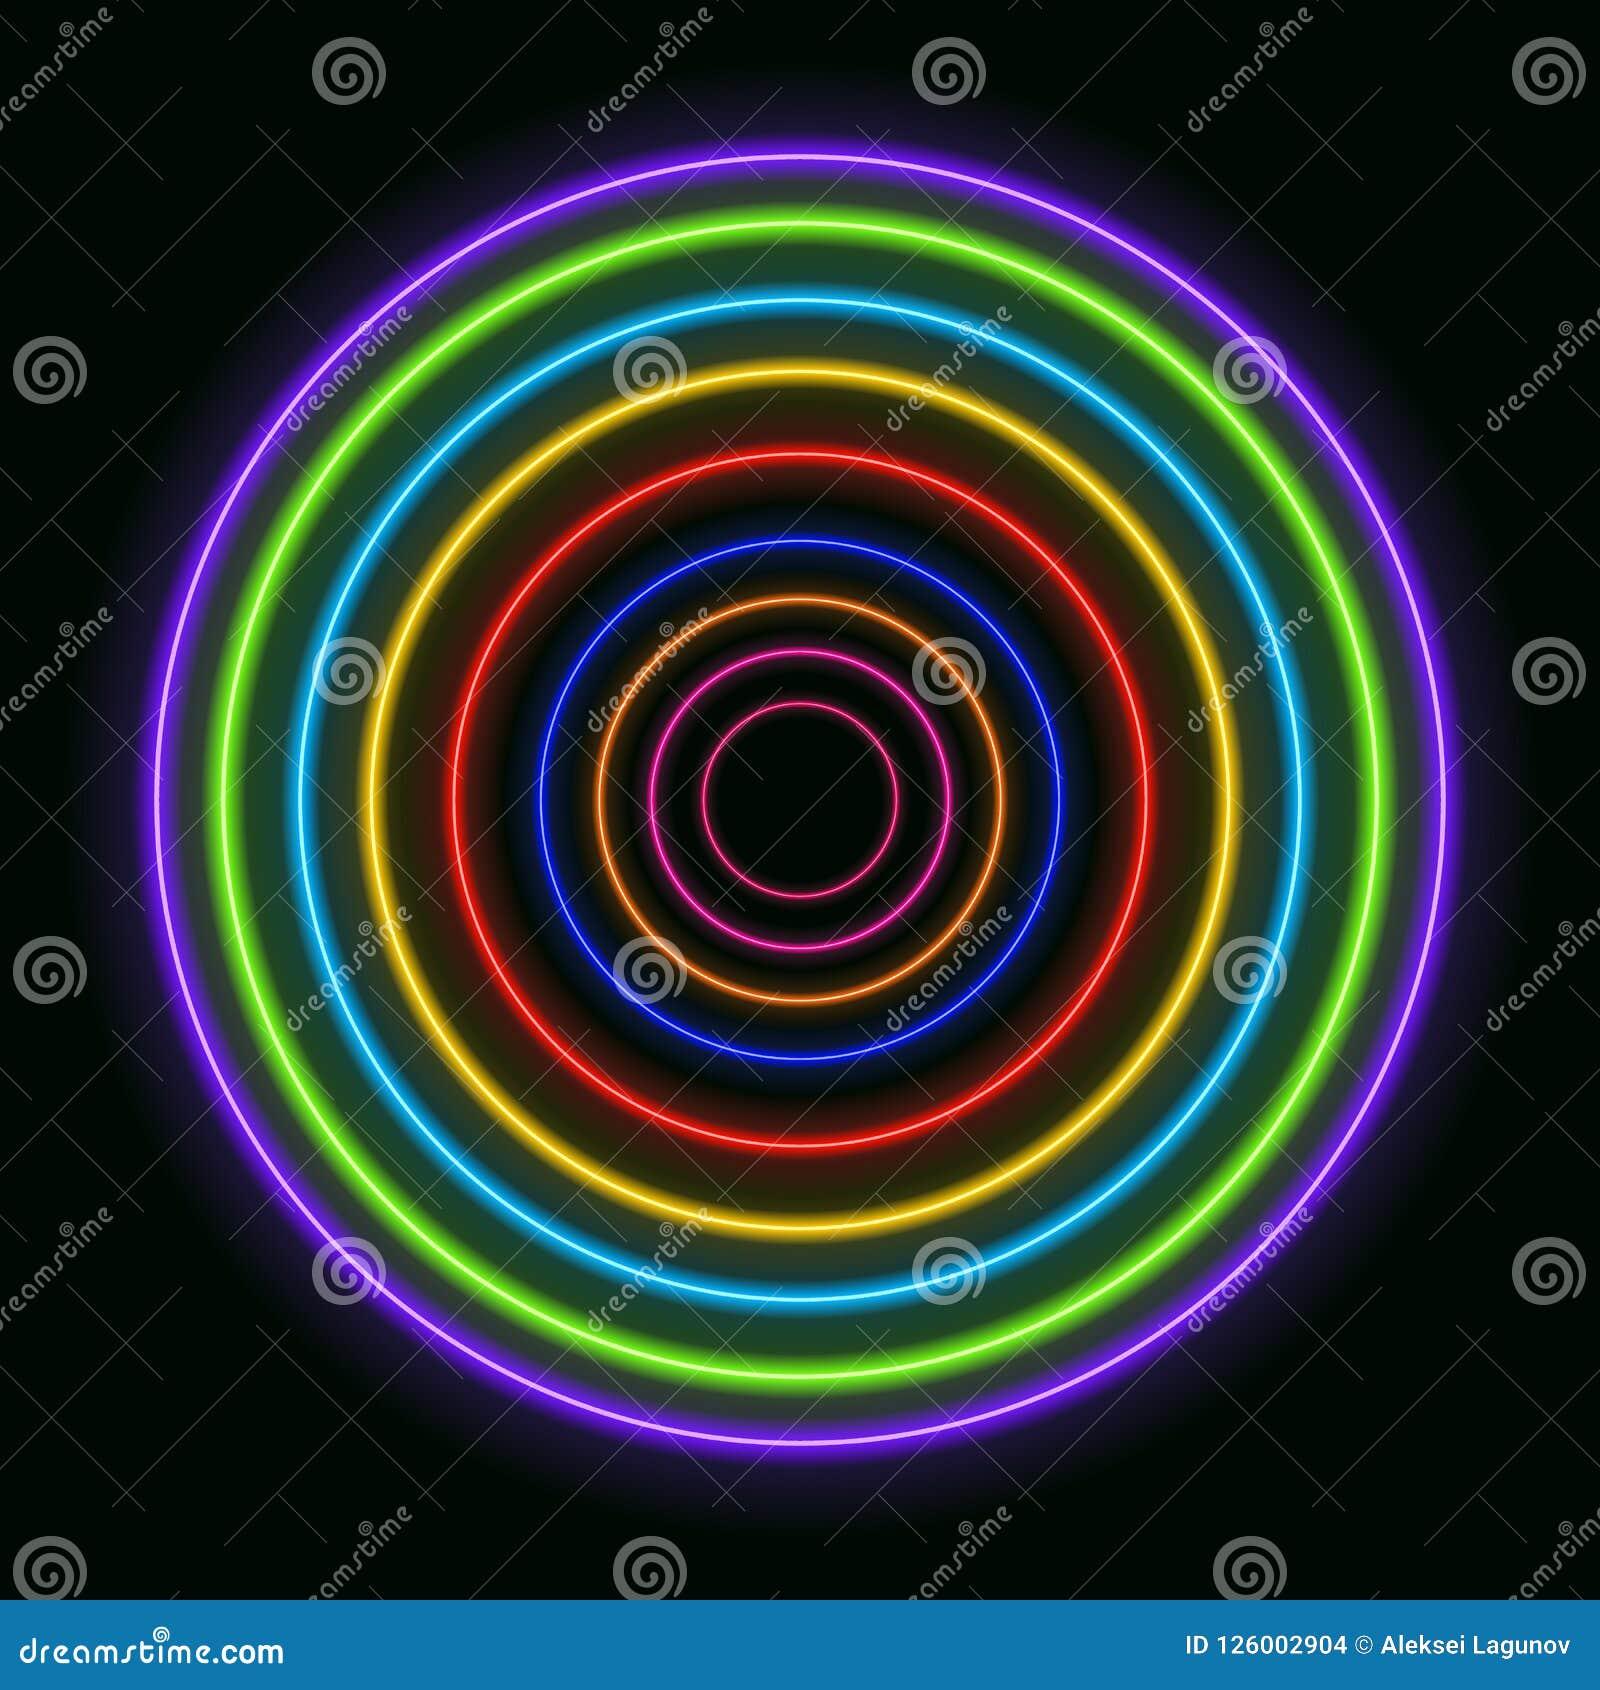 Vector Kleurrijke Neoncirkels, Glanzende Regenboog Gekleurde Ringen